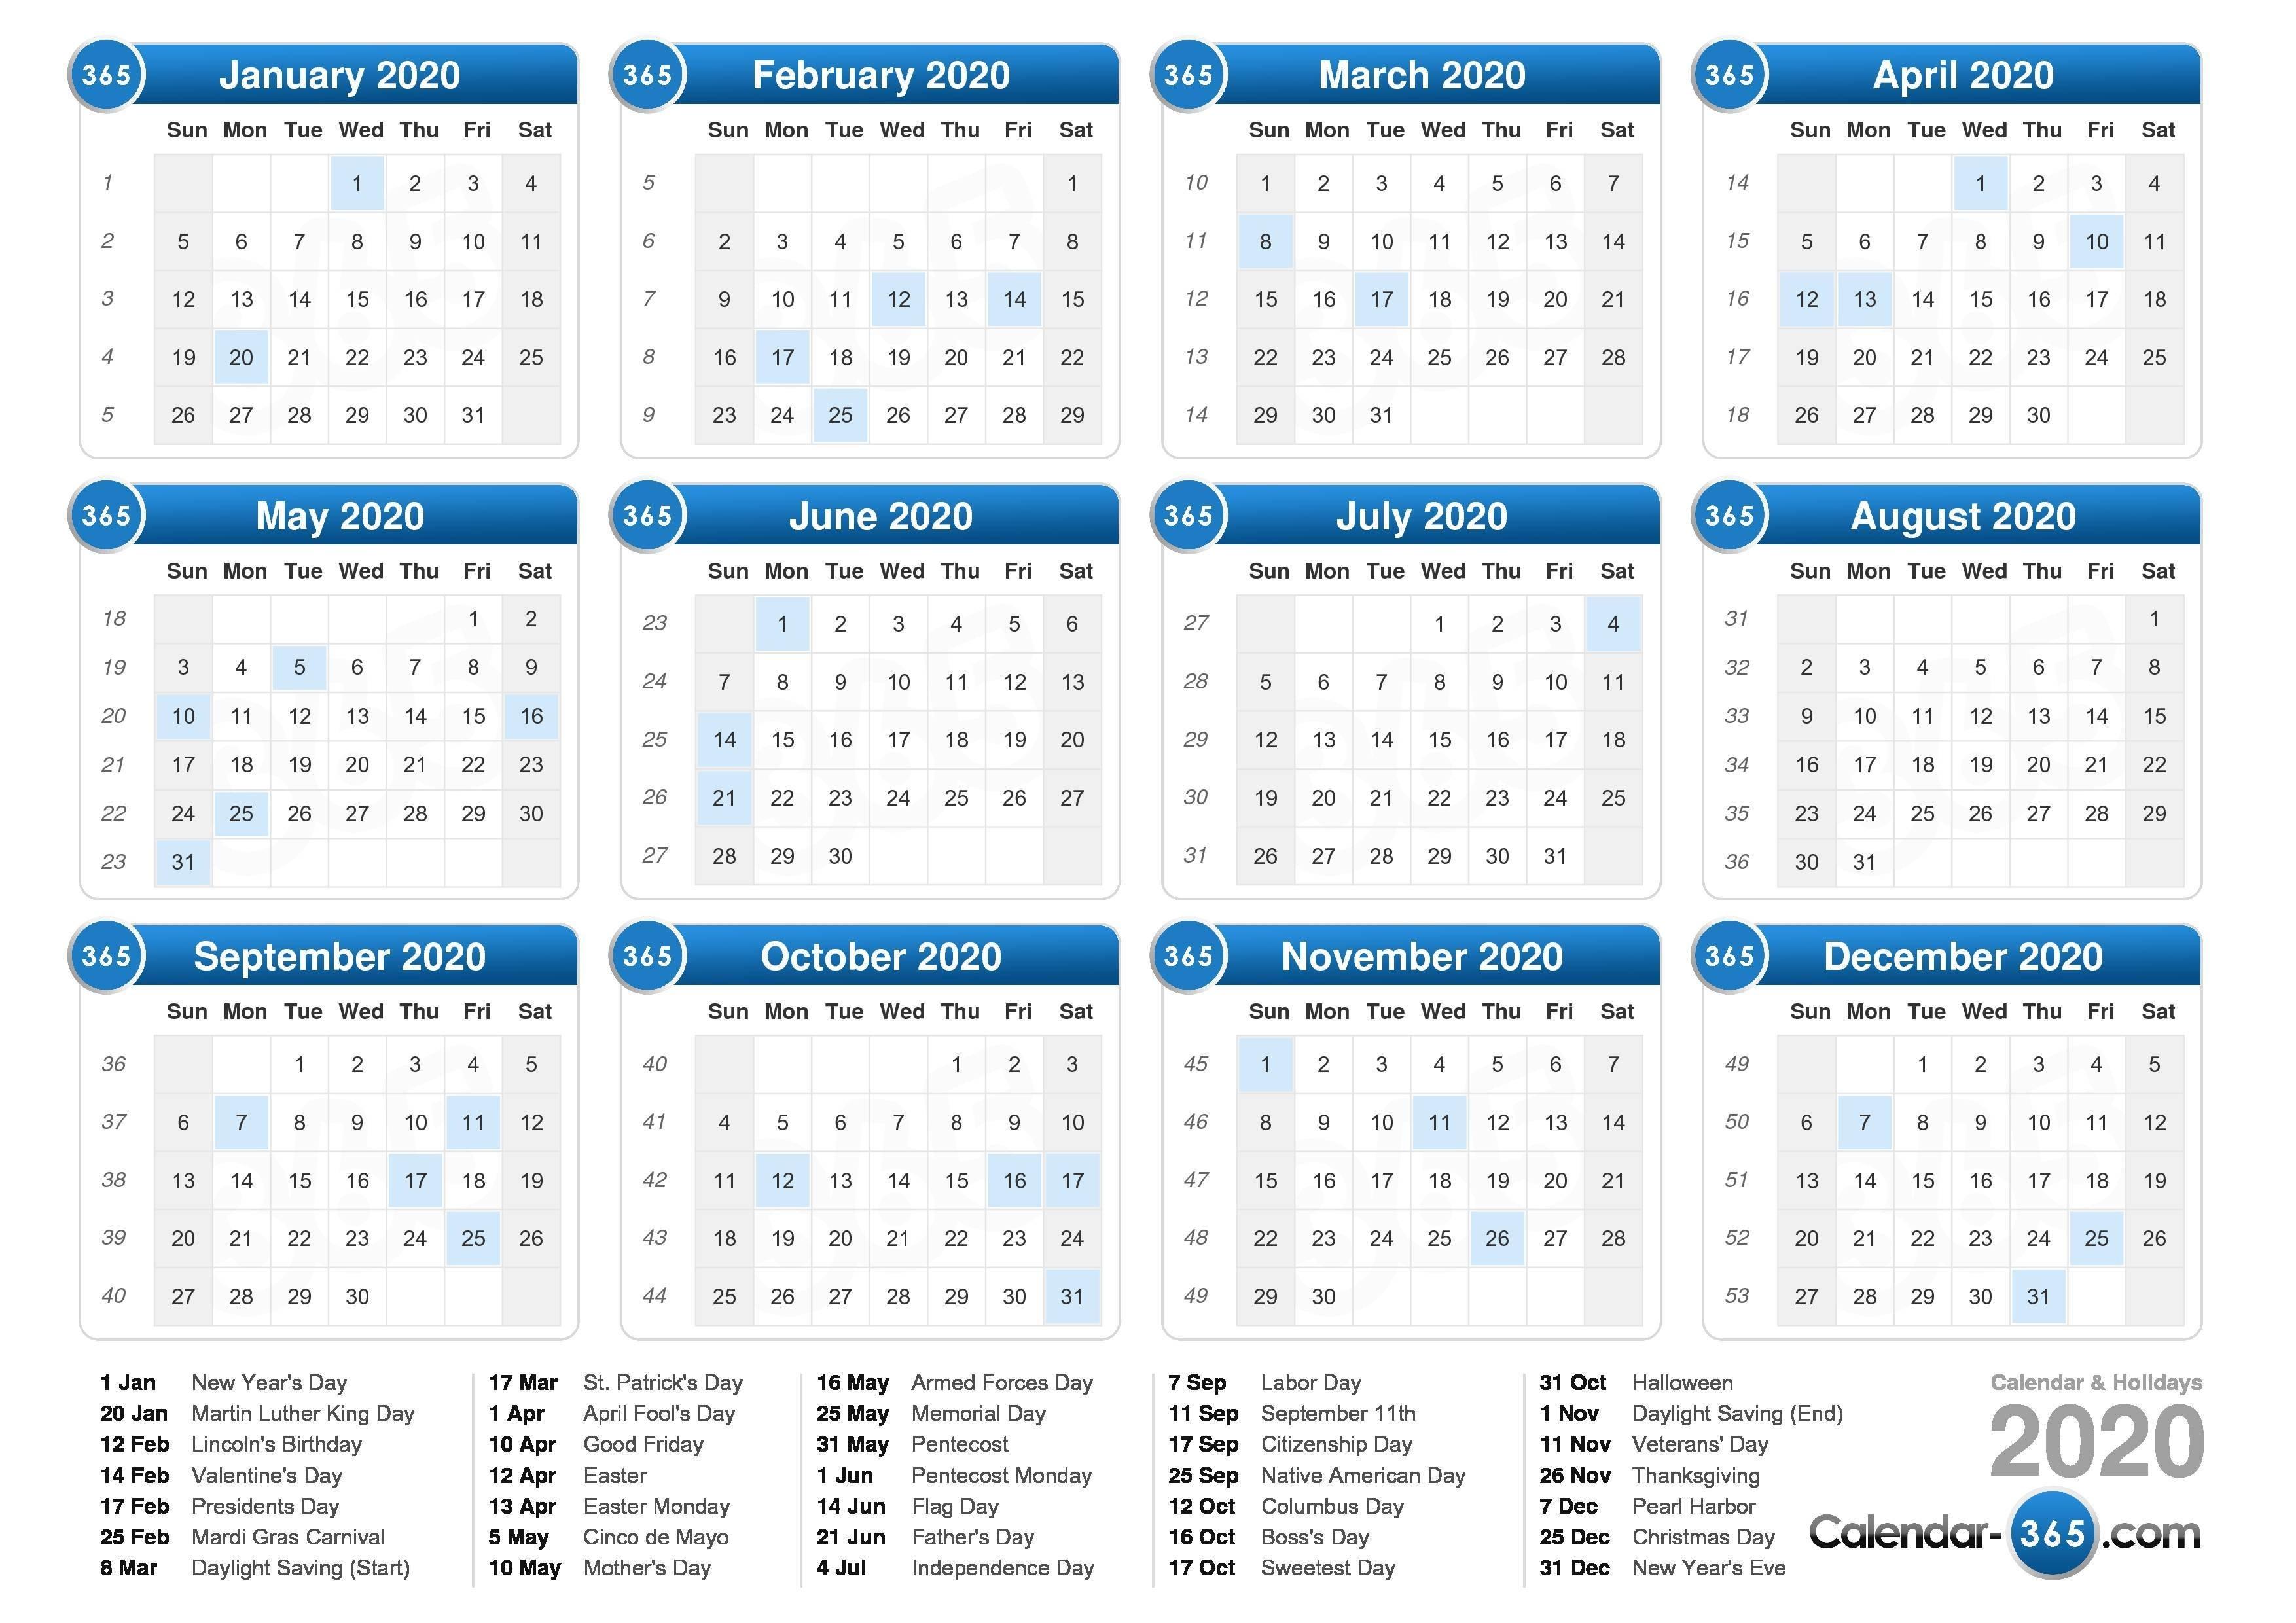 2020 Calendar-2020-2020 Printable Calendar With No Holidays